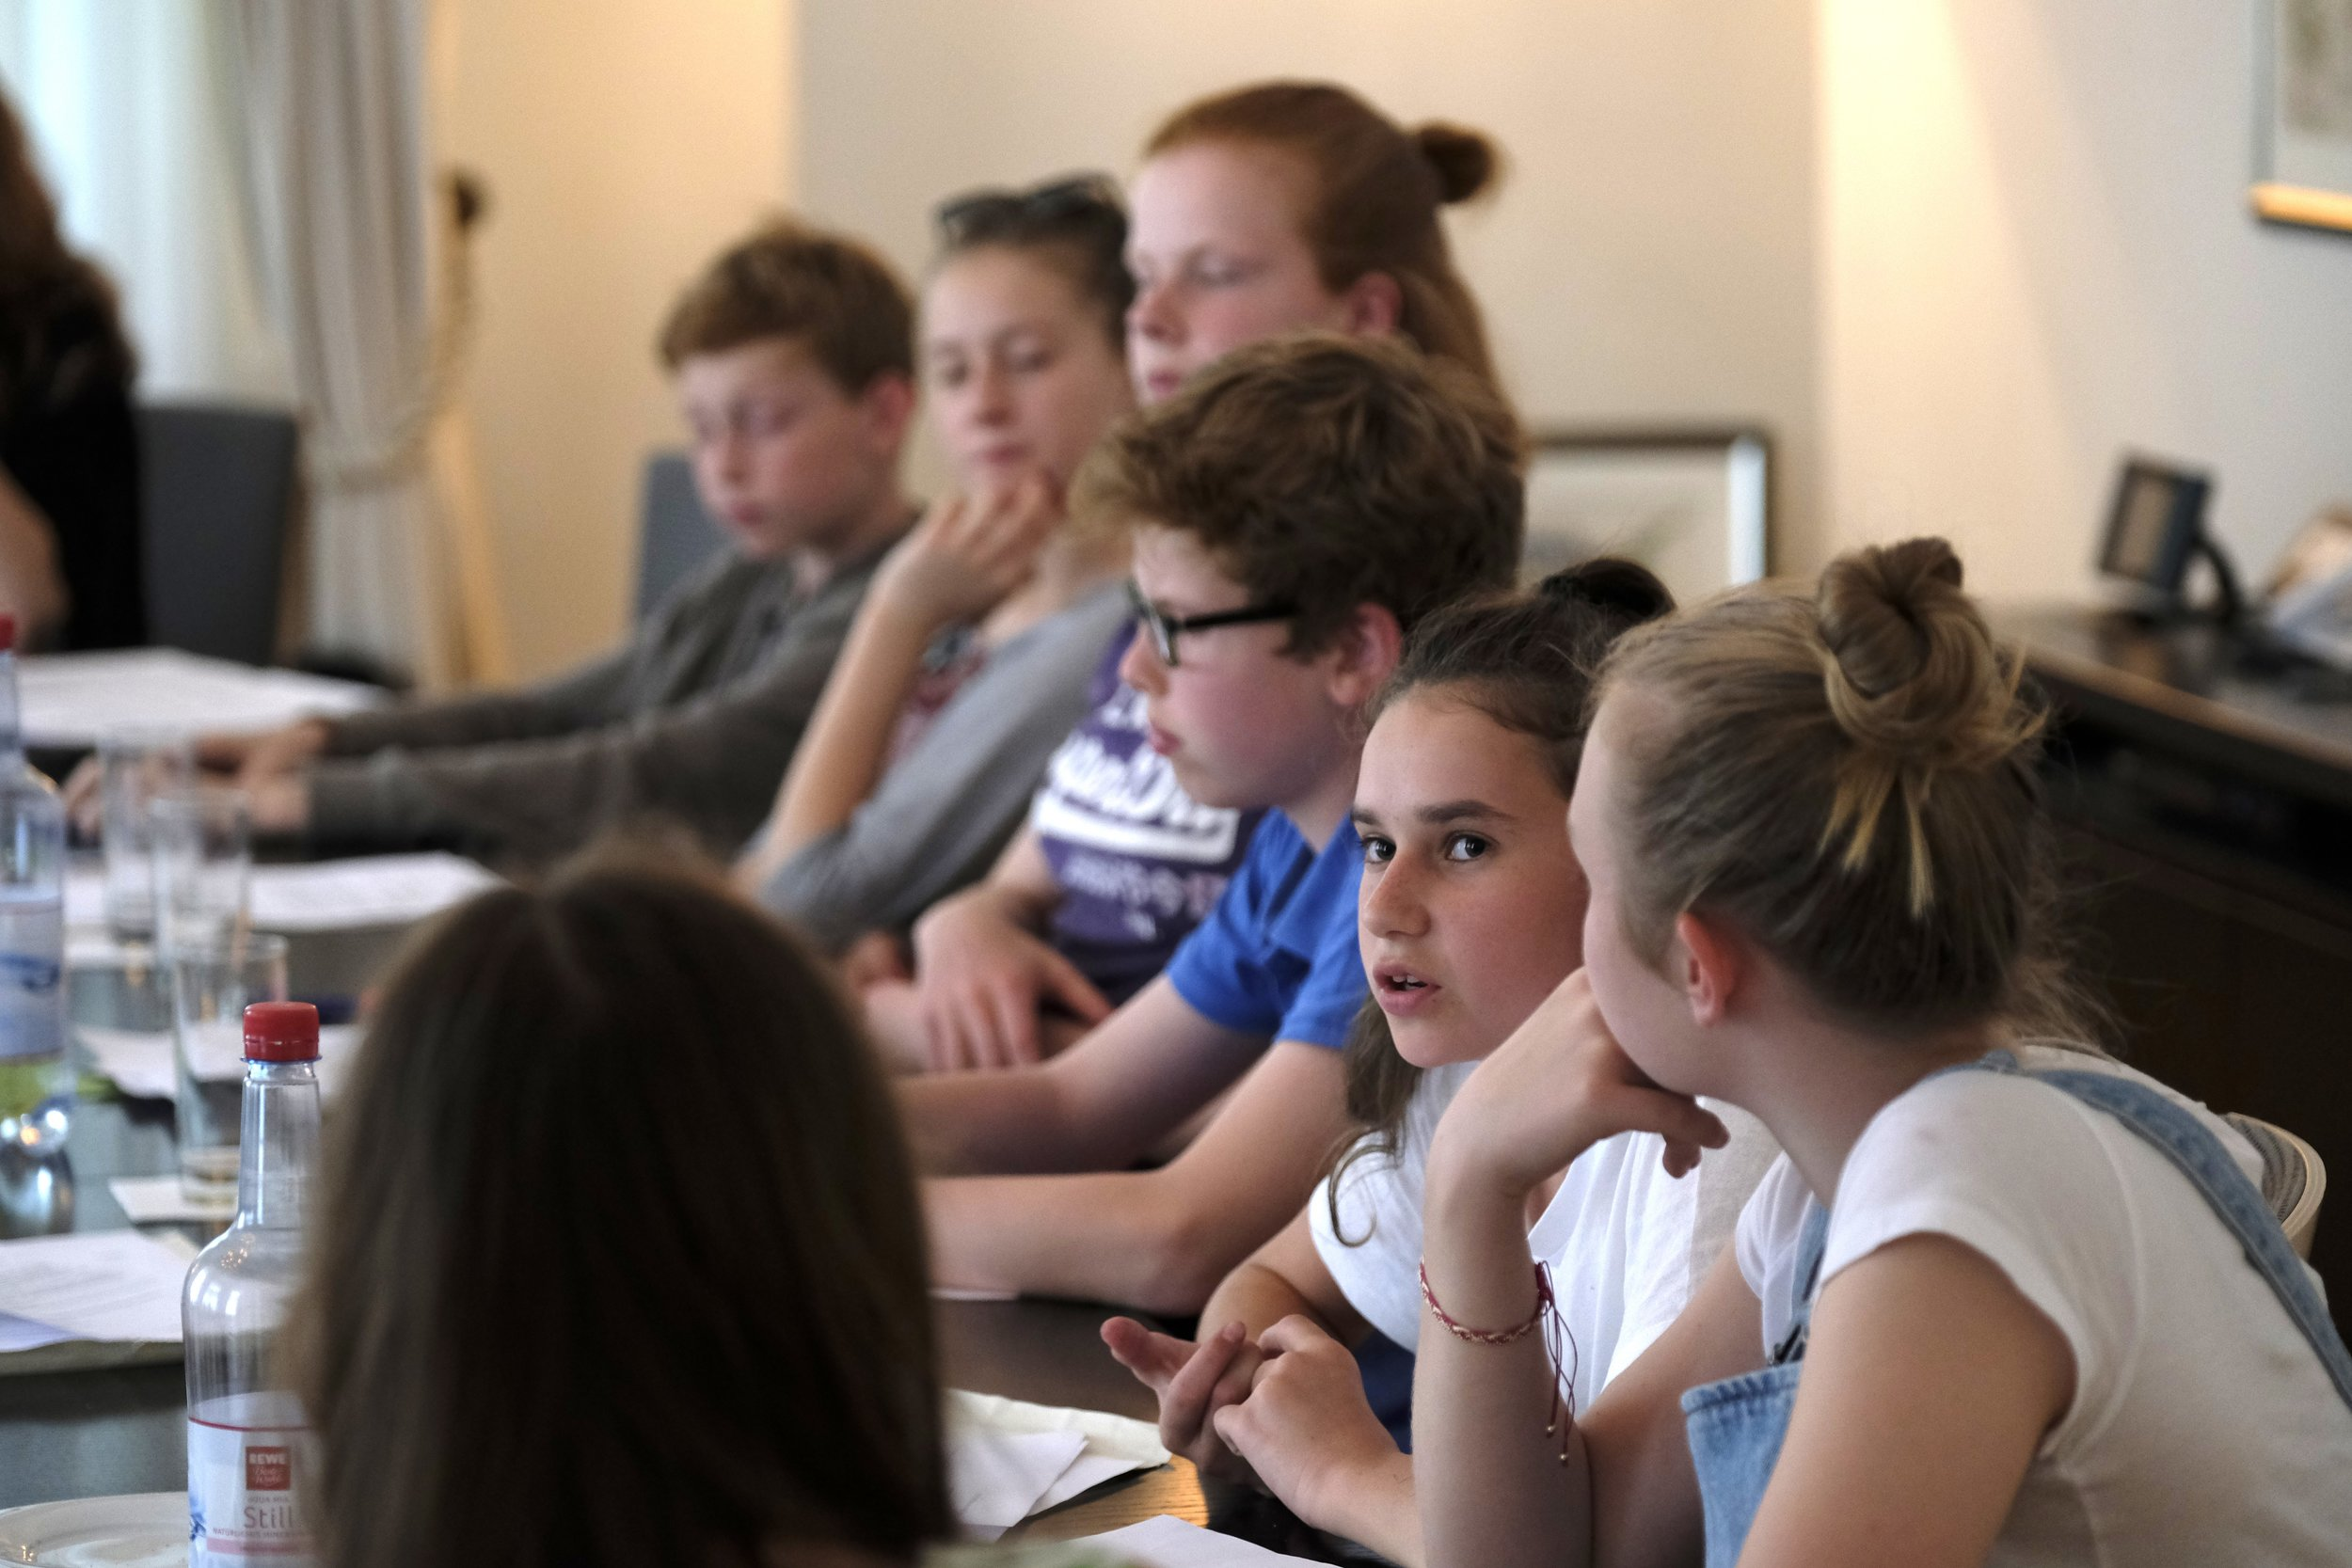 Bild vom CHILDREN Kinderbeirat (Partizipation): Eine Gruppe Kinder und Jugendlicher diskutiert über Förderanträge